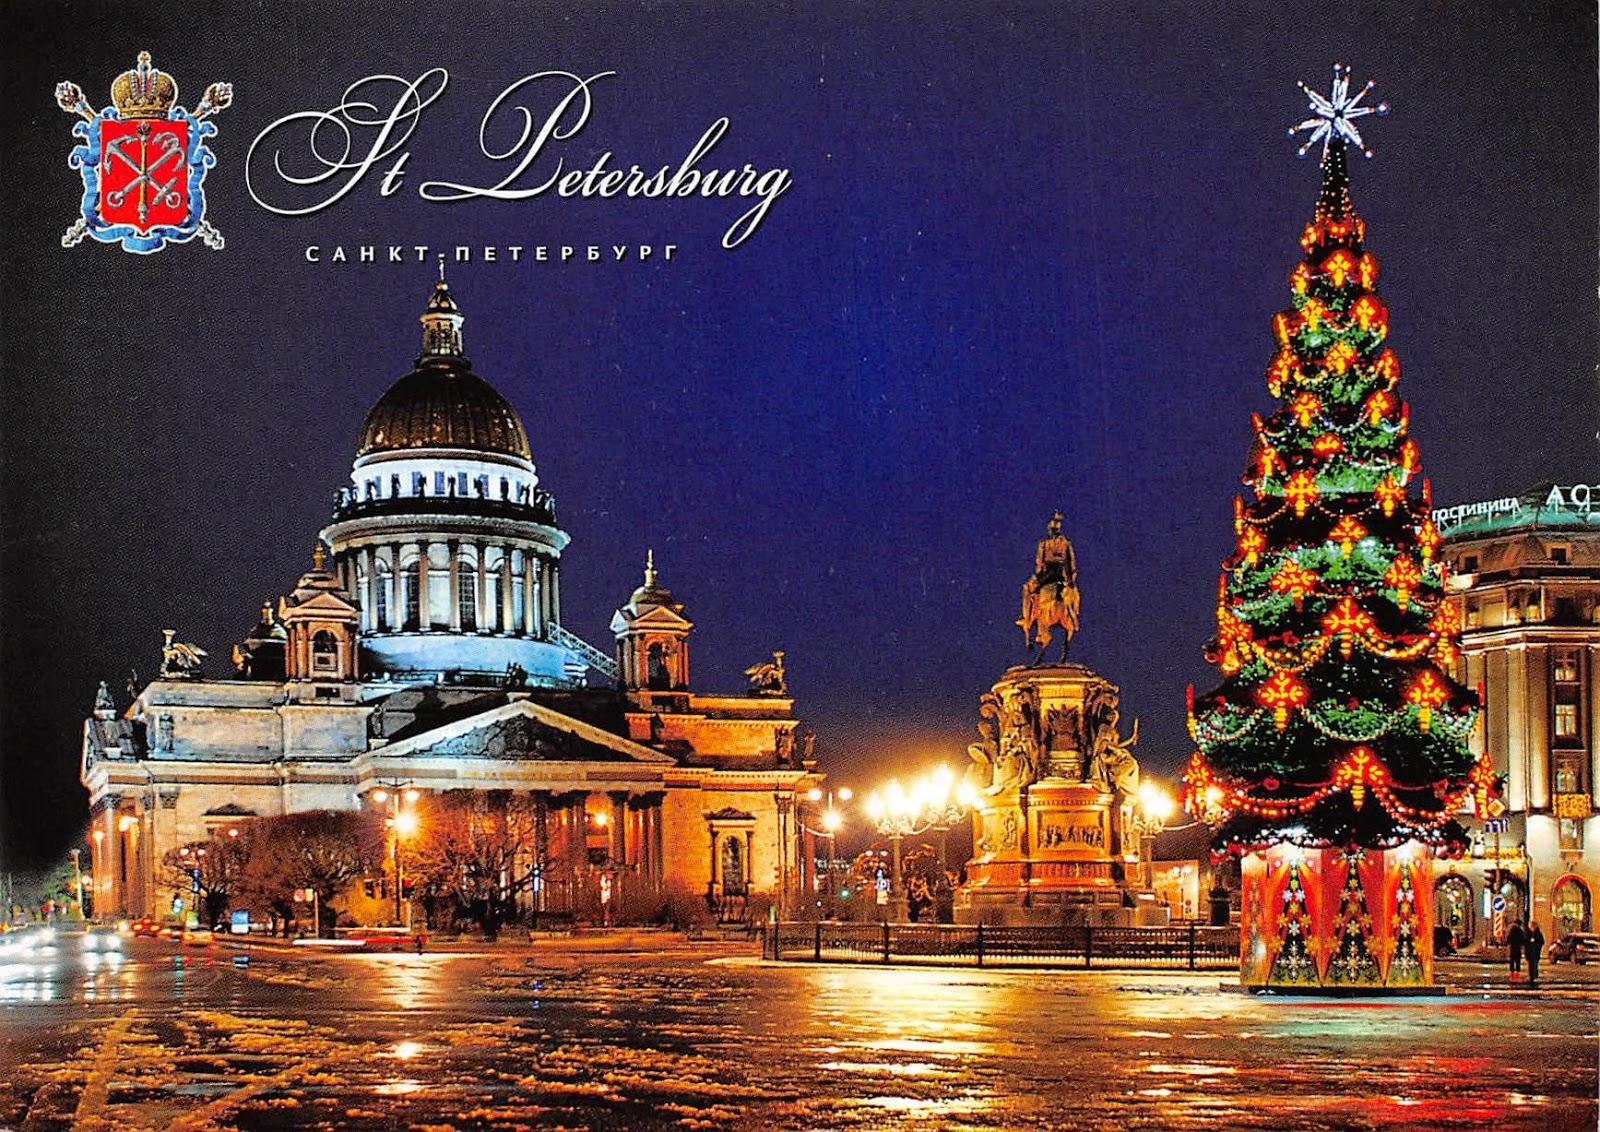 Открытки новогоднего петербурга, именинами ксении